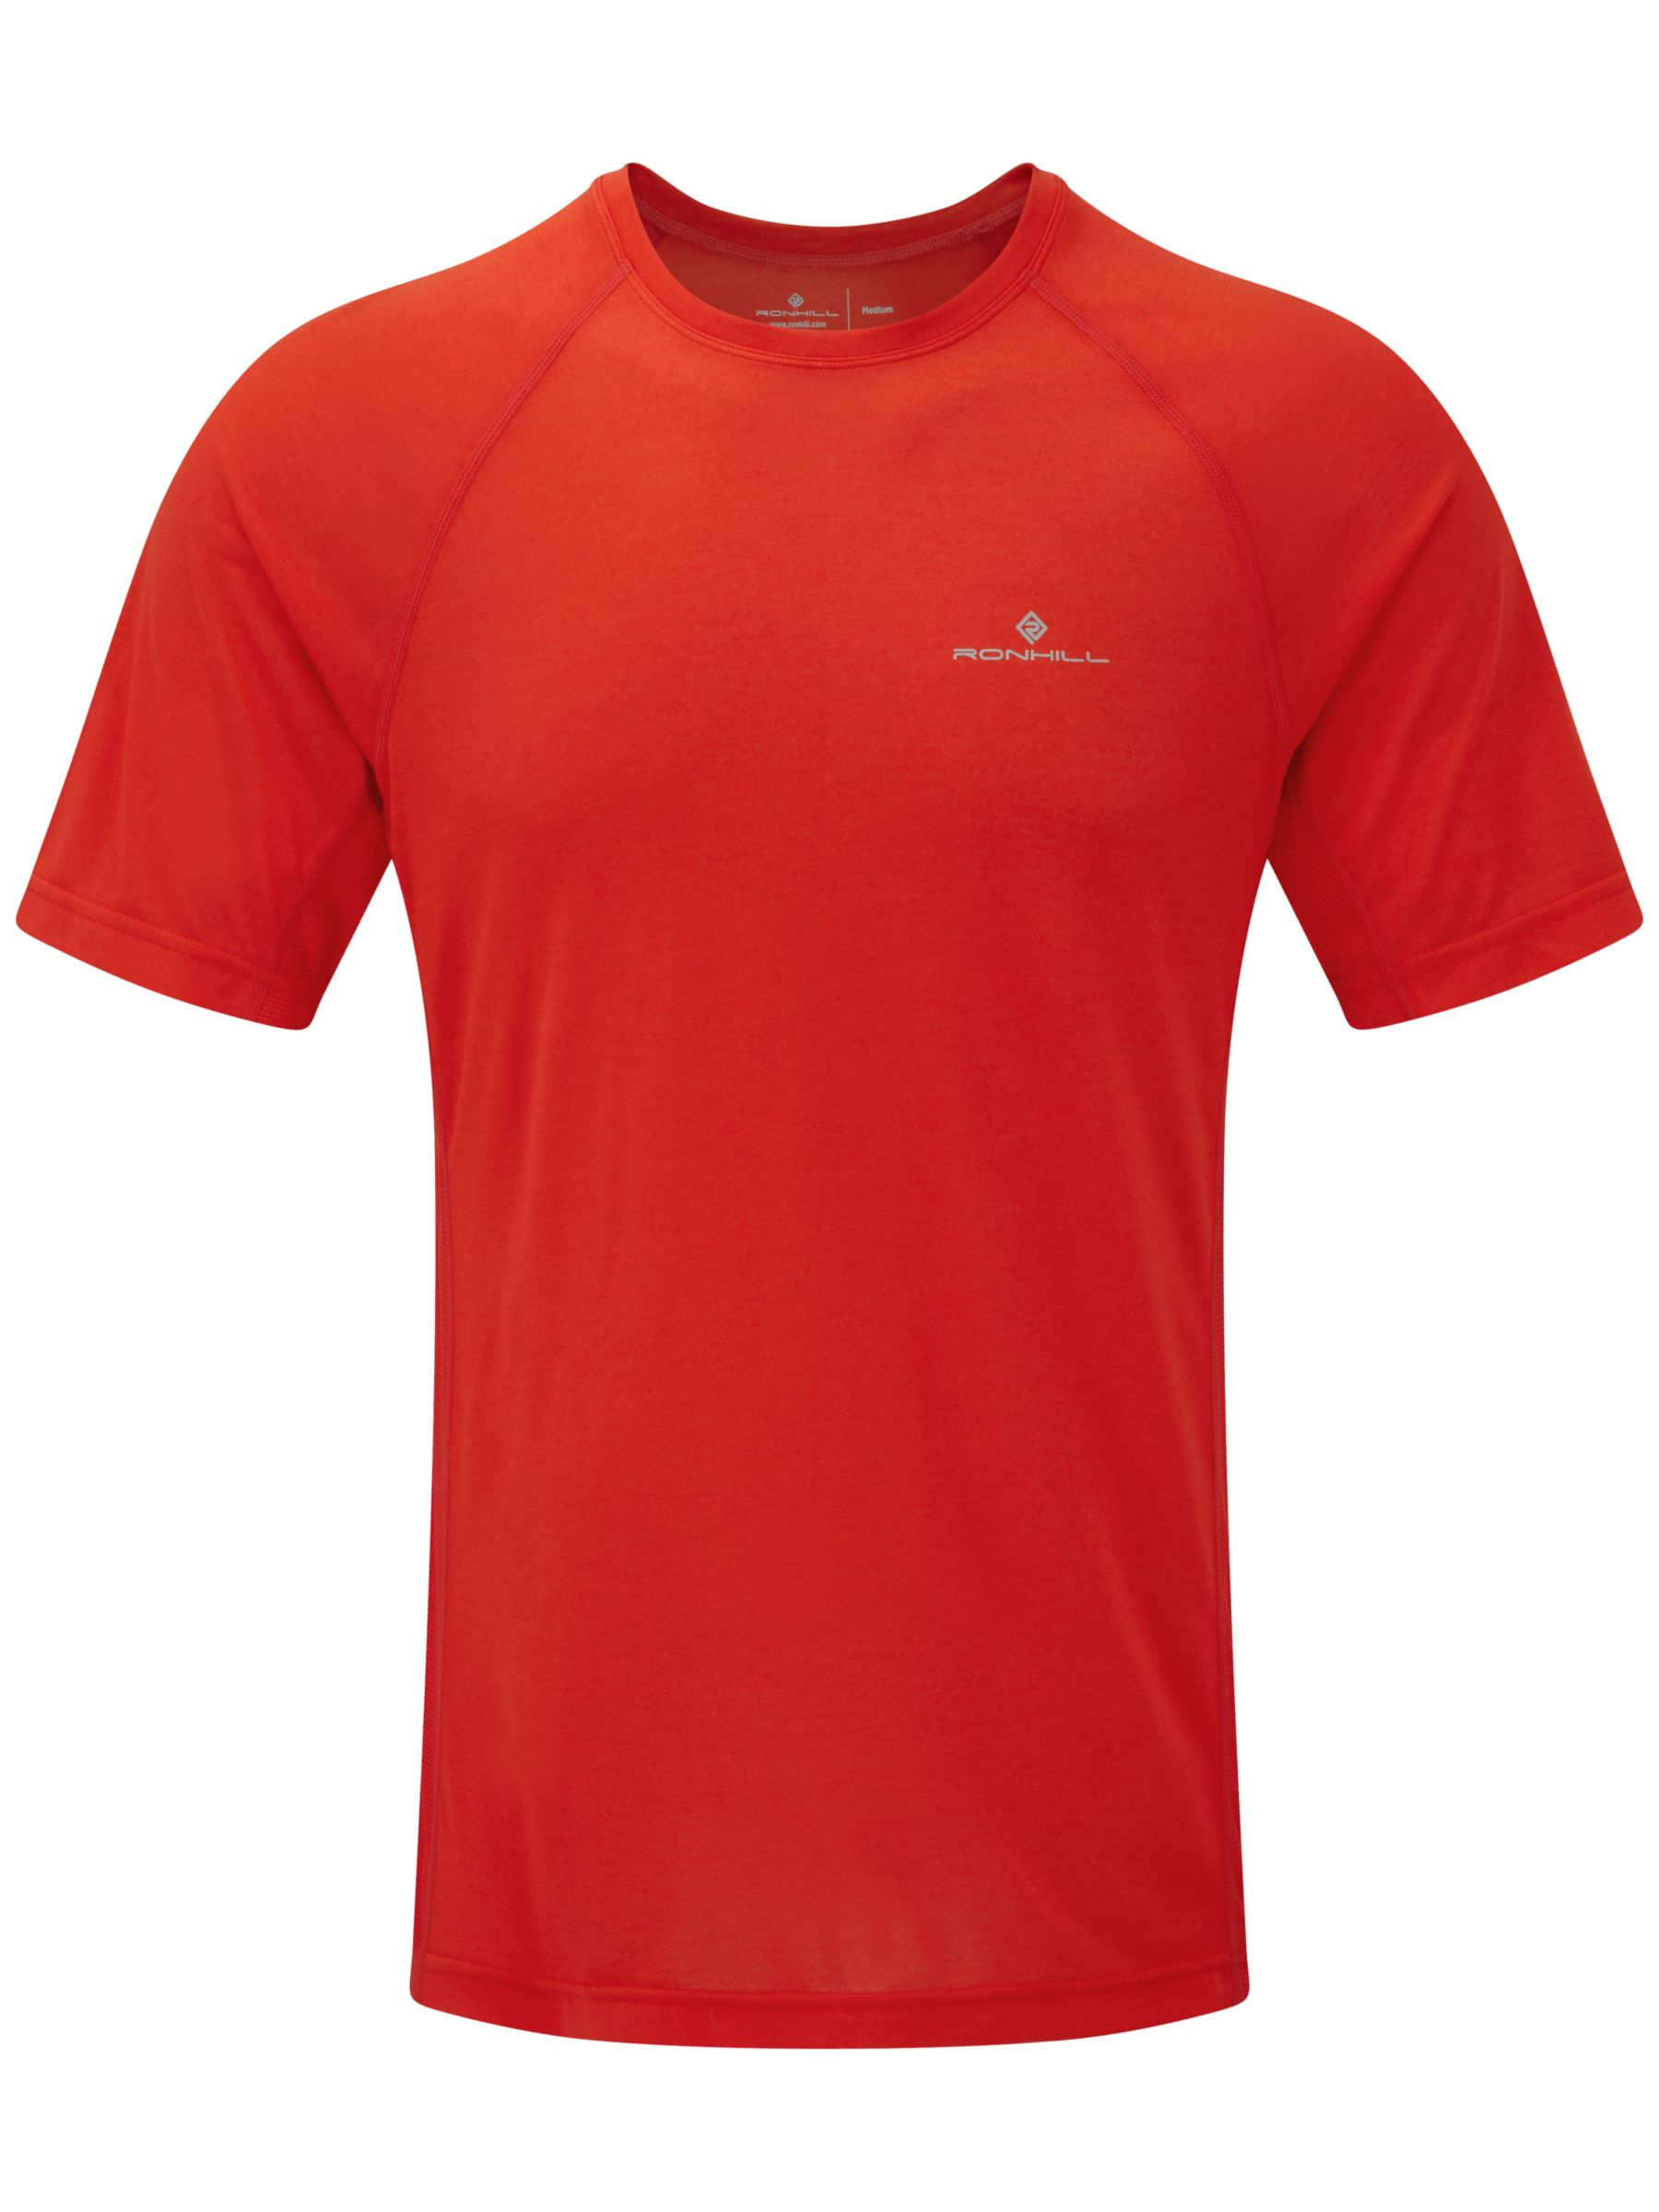 Ronhill Ronhill Momentum Short Sleeve T-Shirt